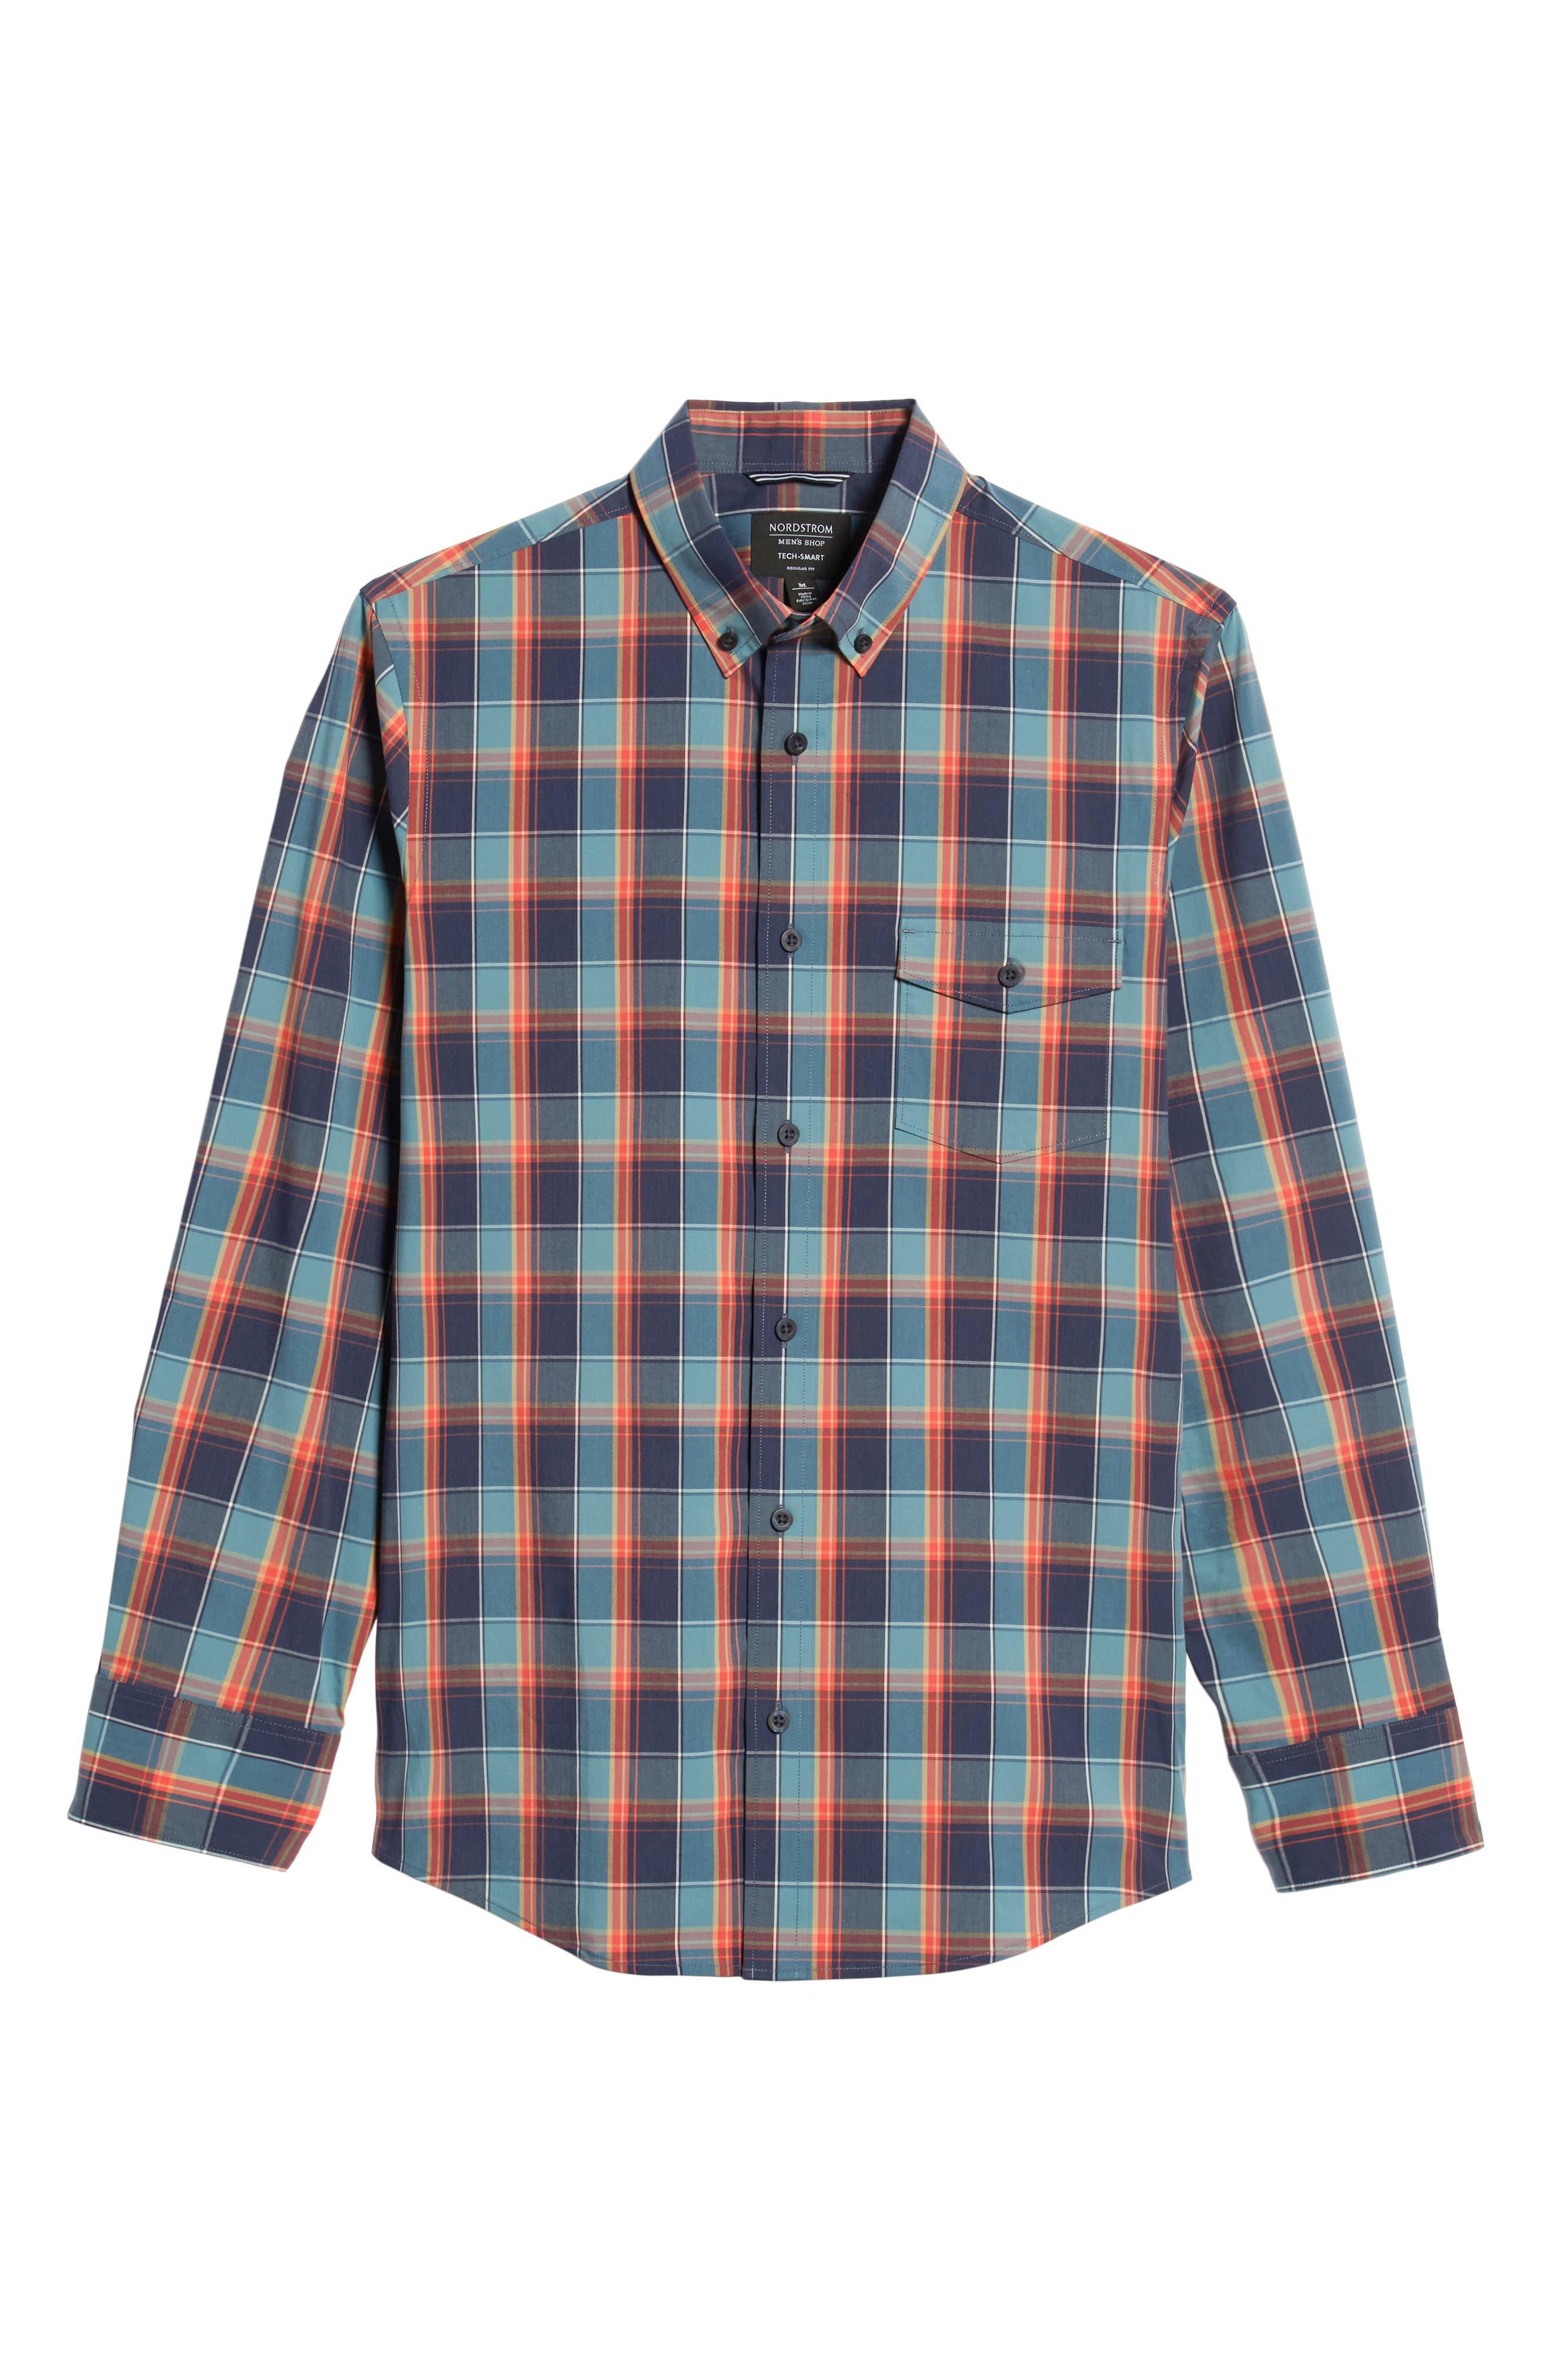 Tech-Smart Regular Fit Plaid Sport Shirt,                             Alternate thumbnail 5, color,                             NAVY CORAL PLAID